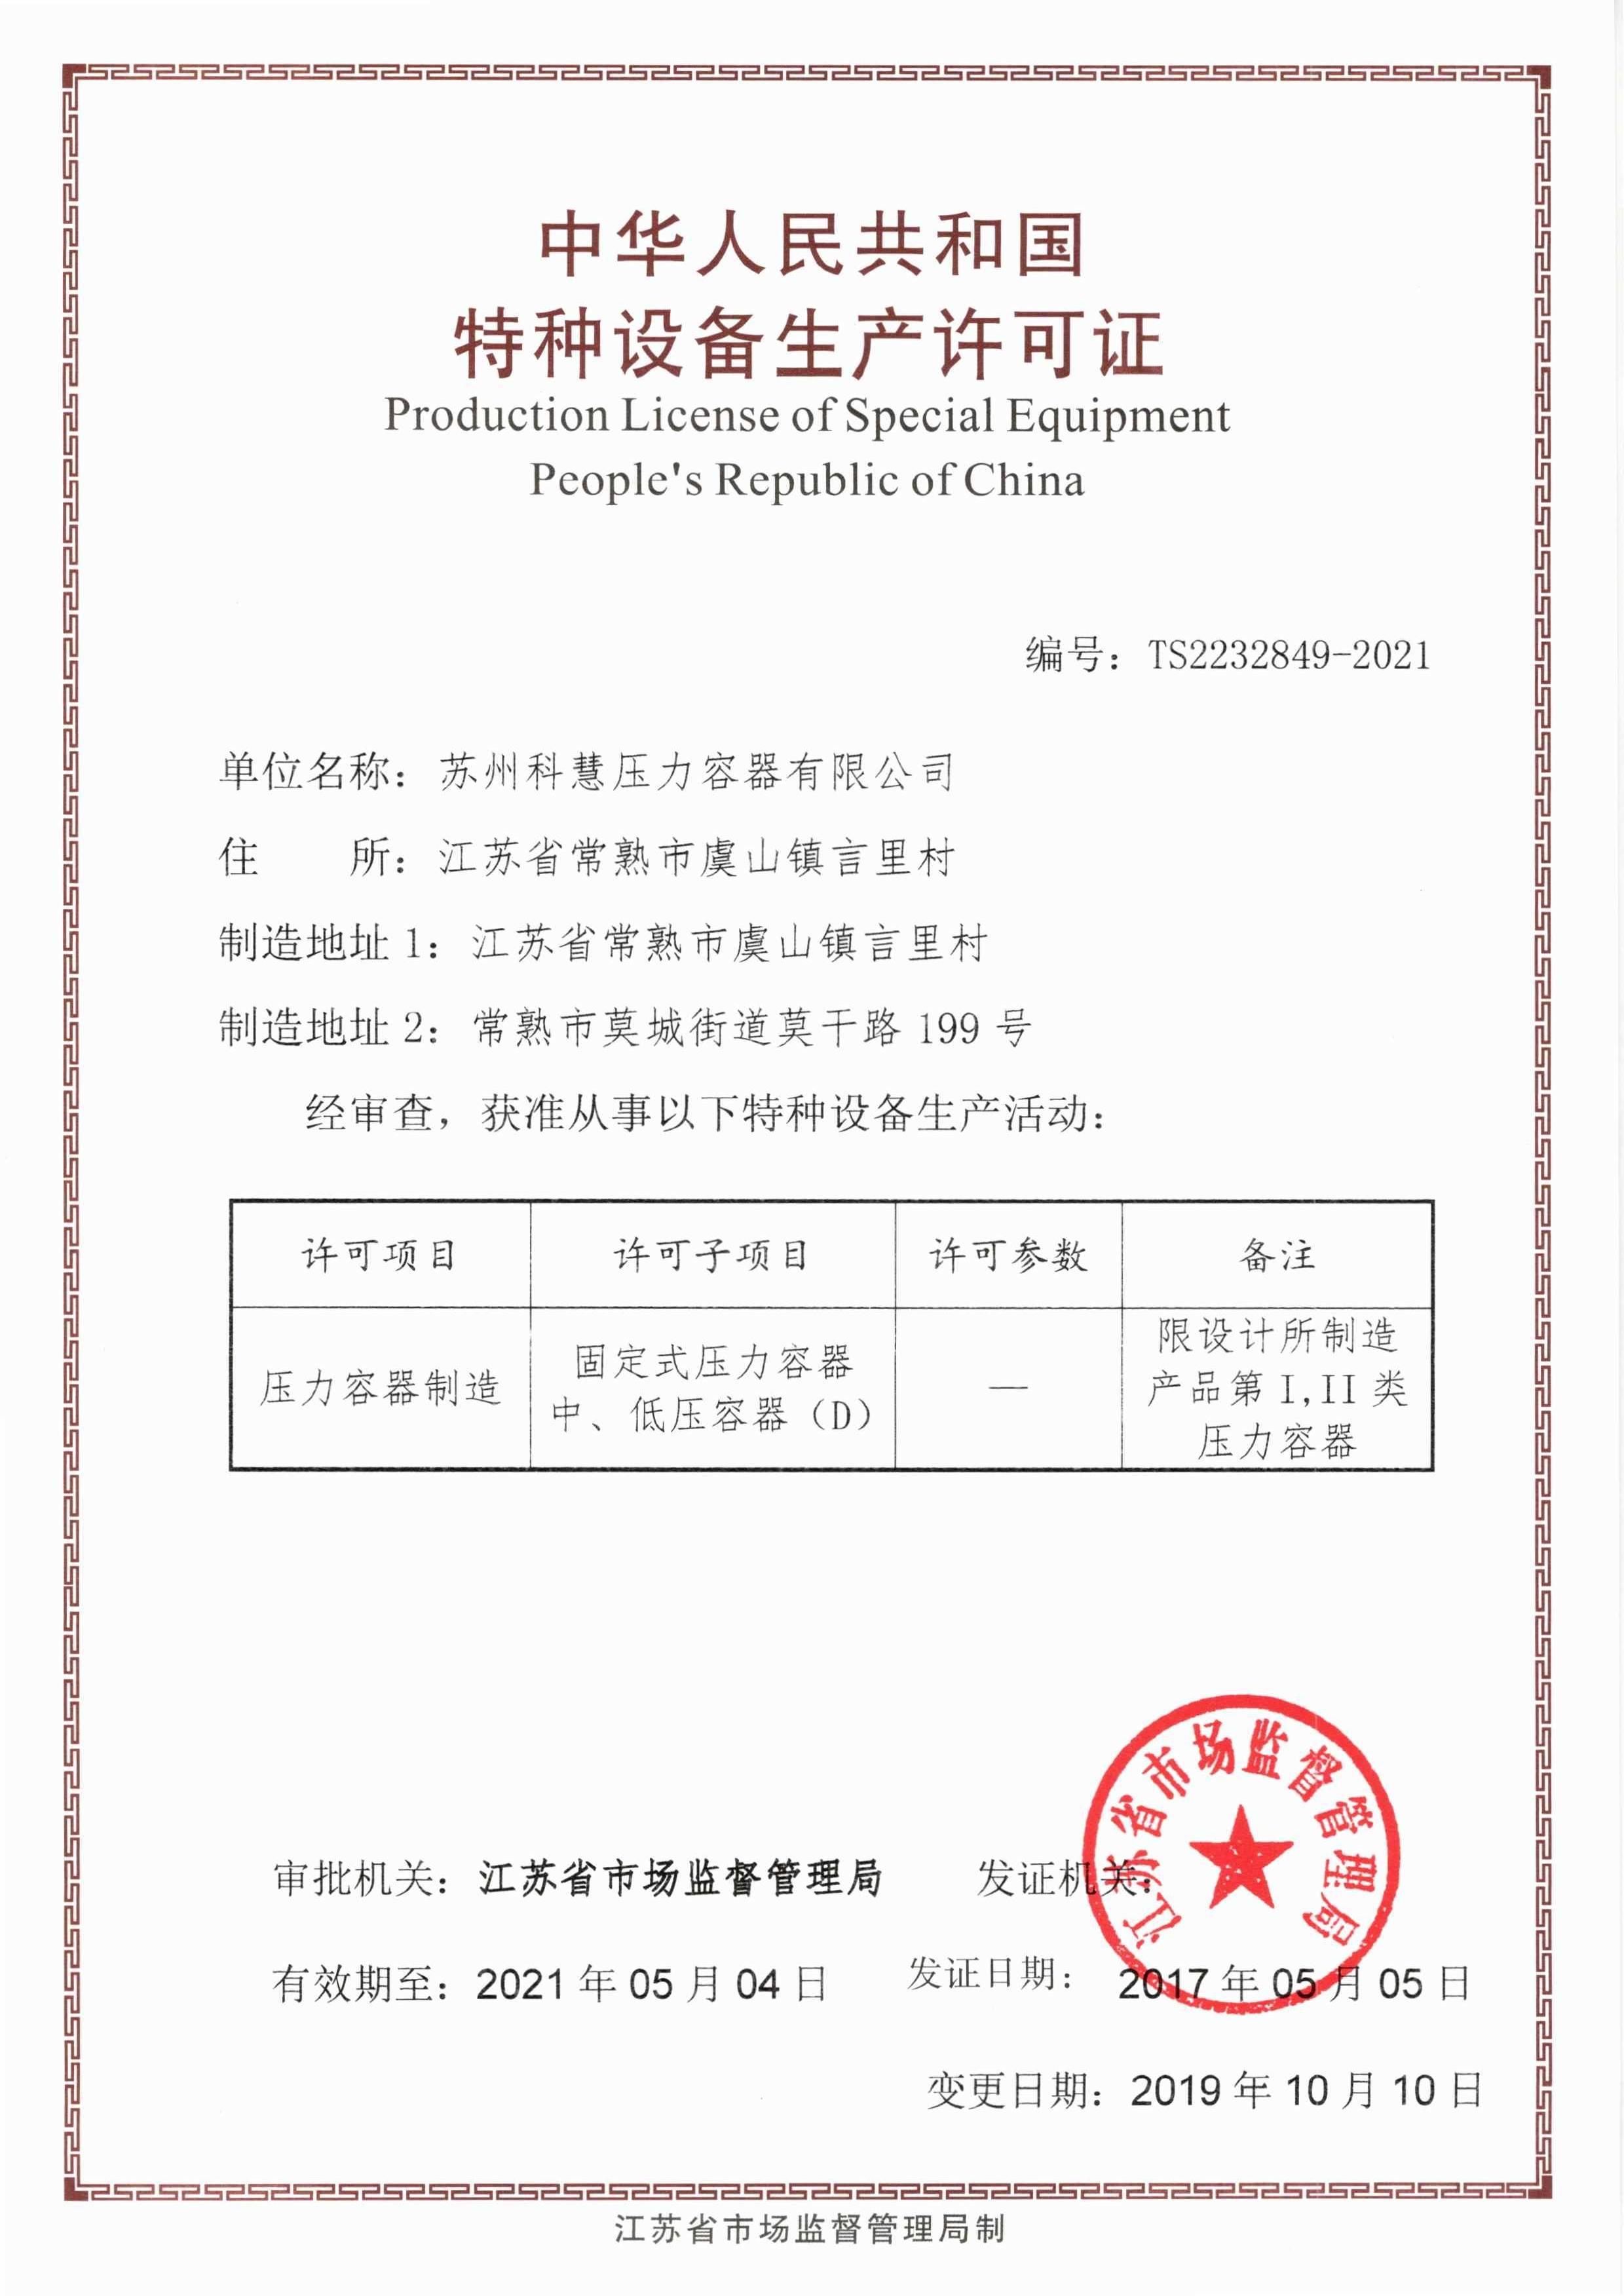 特種設備生產許可證